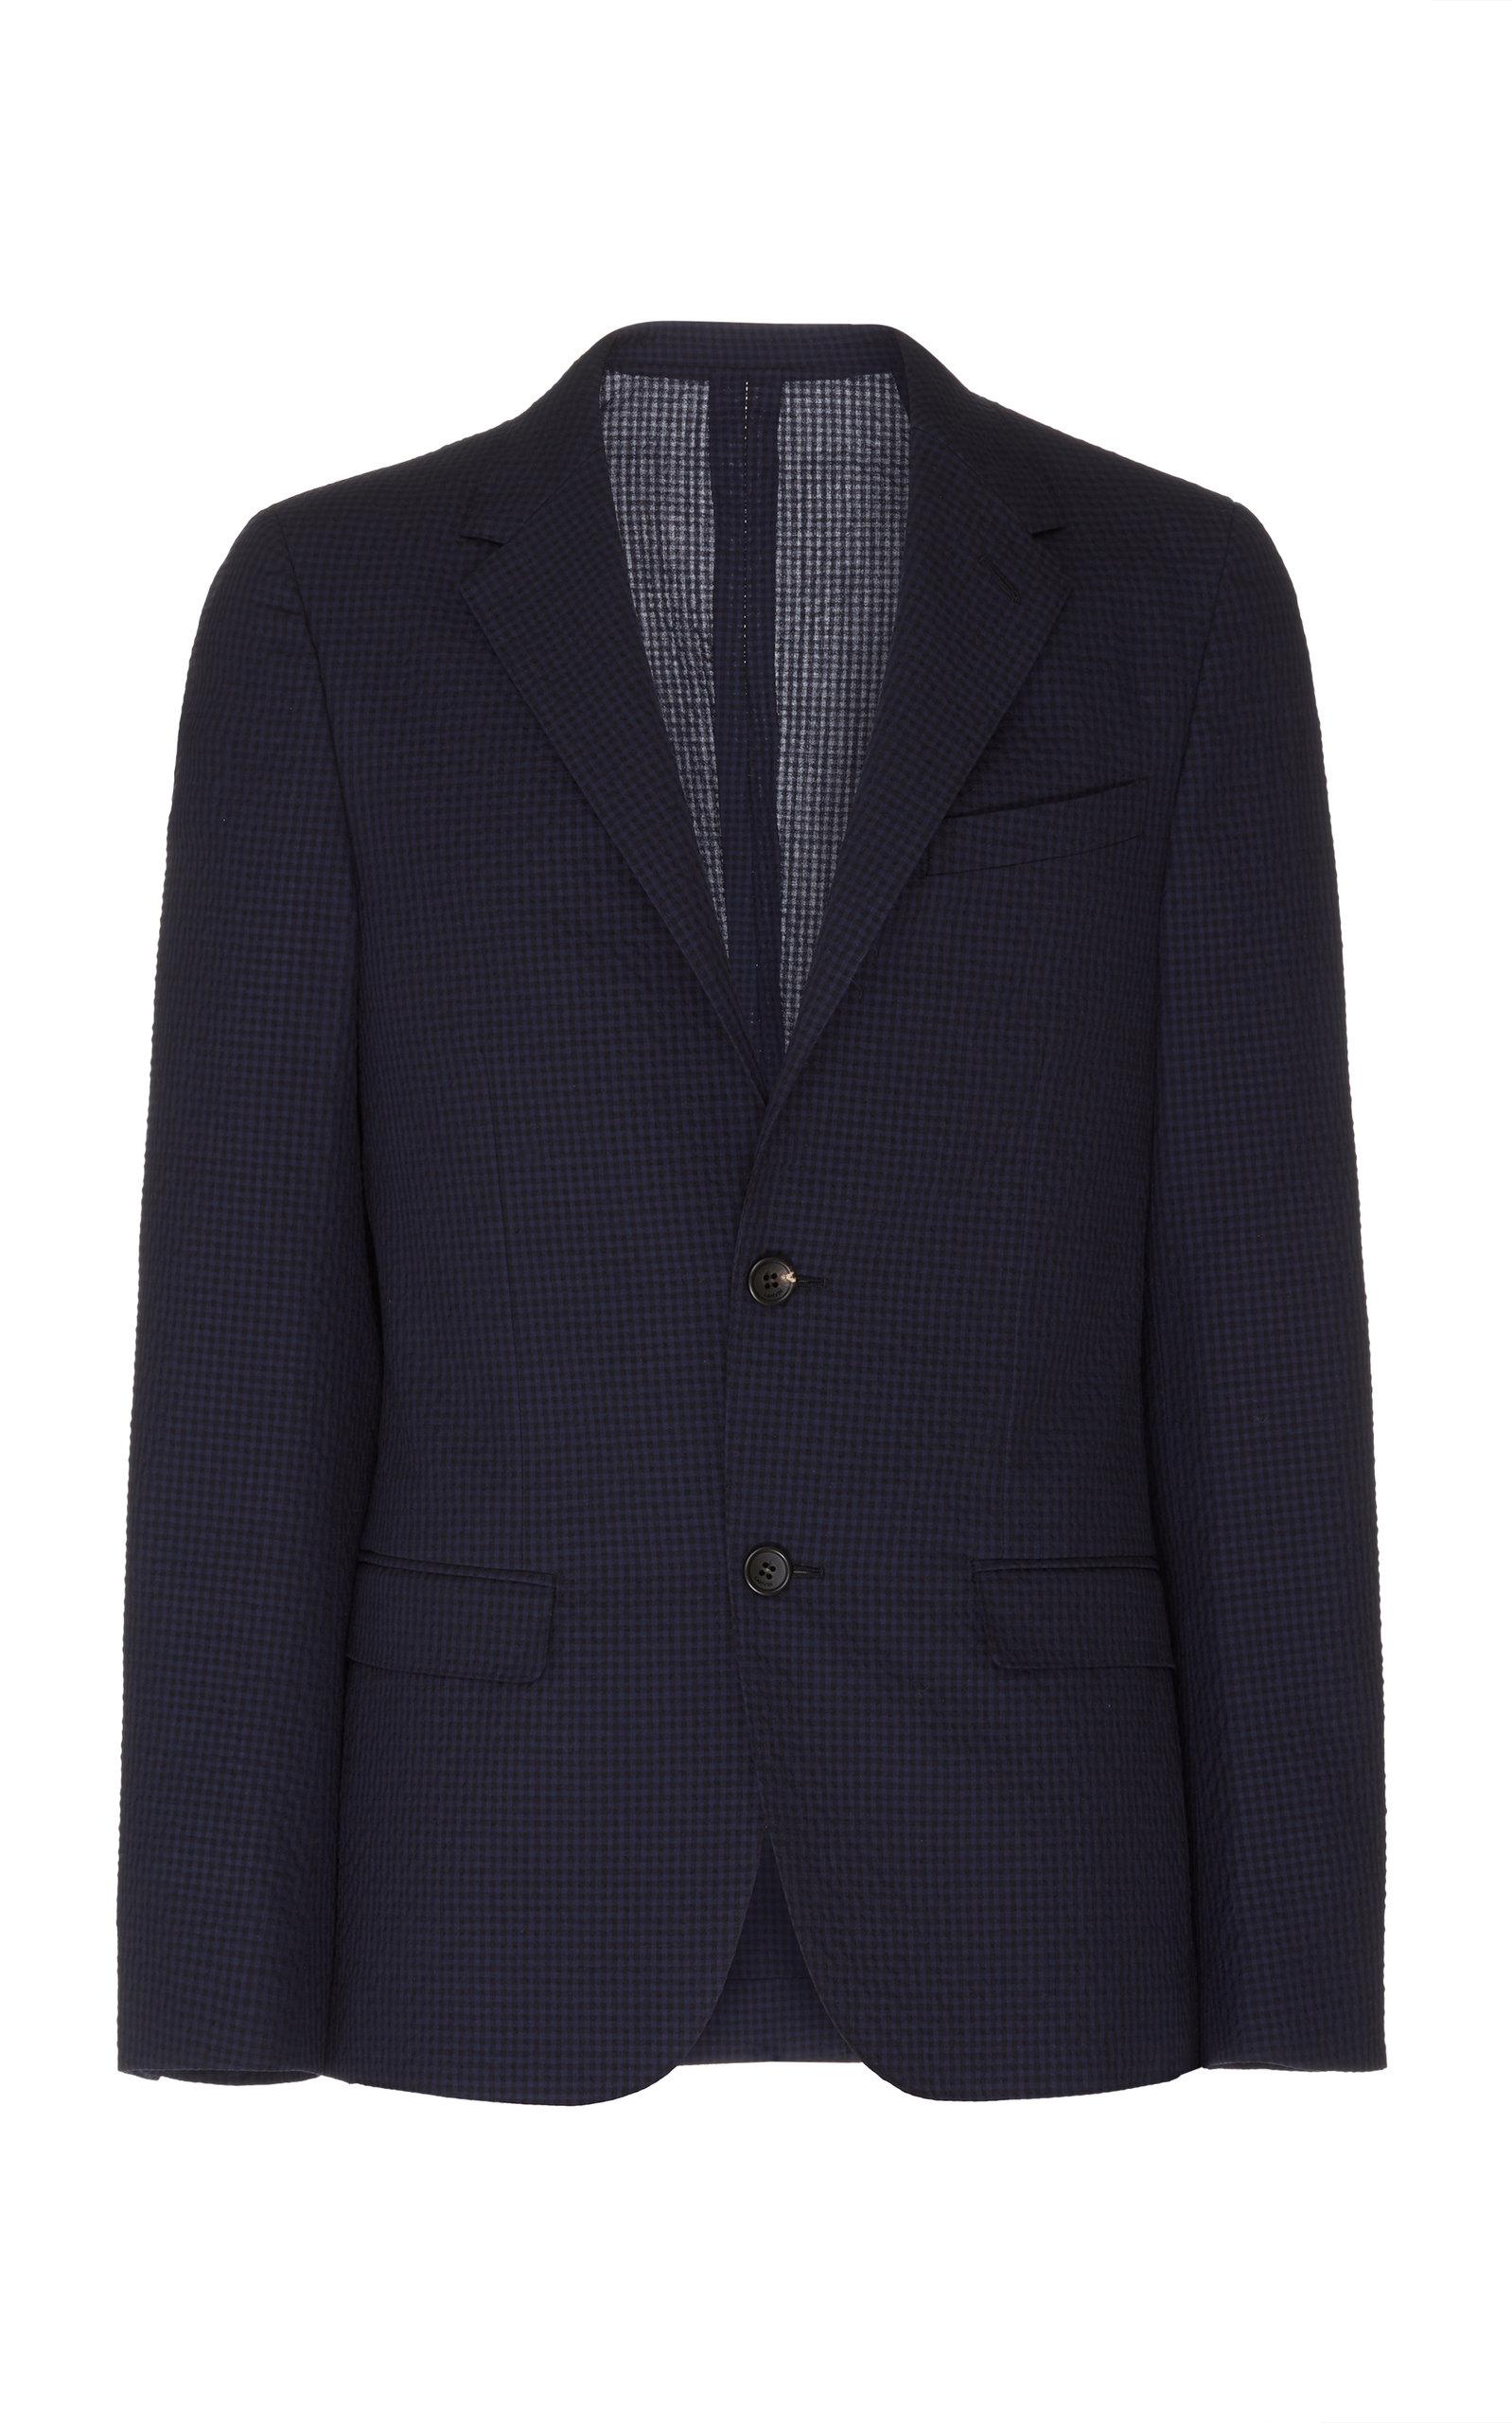 Lanvin Gingham Wool And Cotton-Blend Seersucker Blazer In Navy